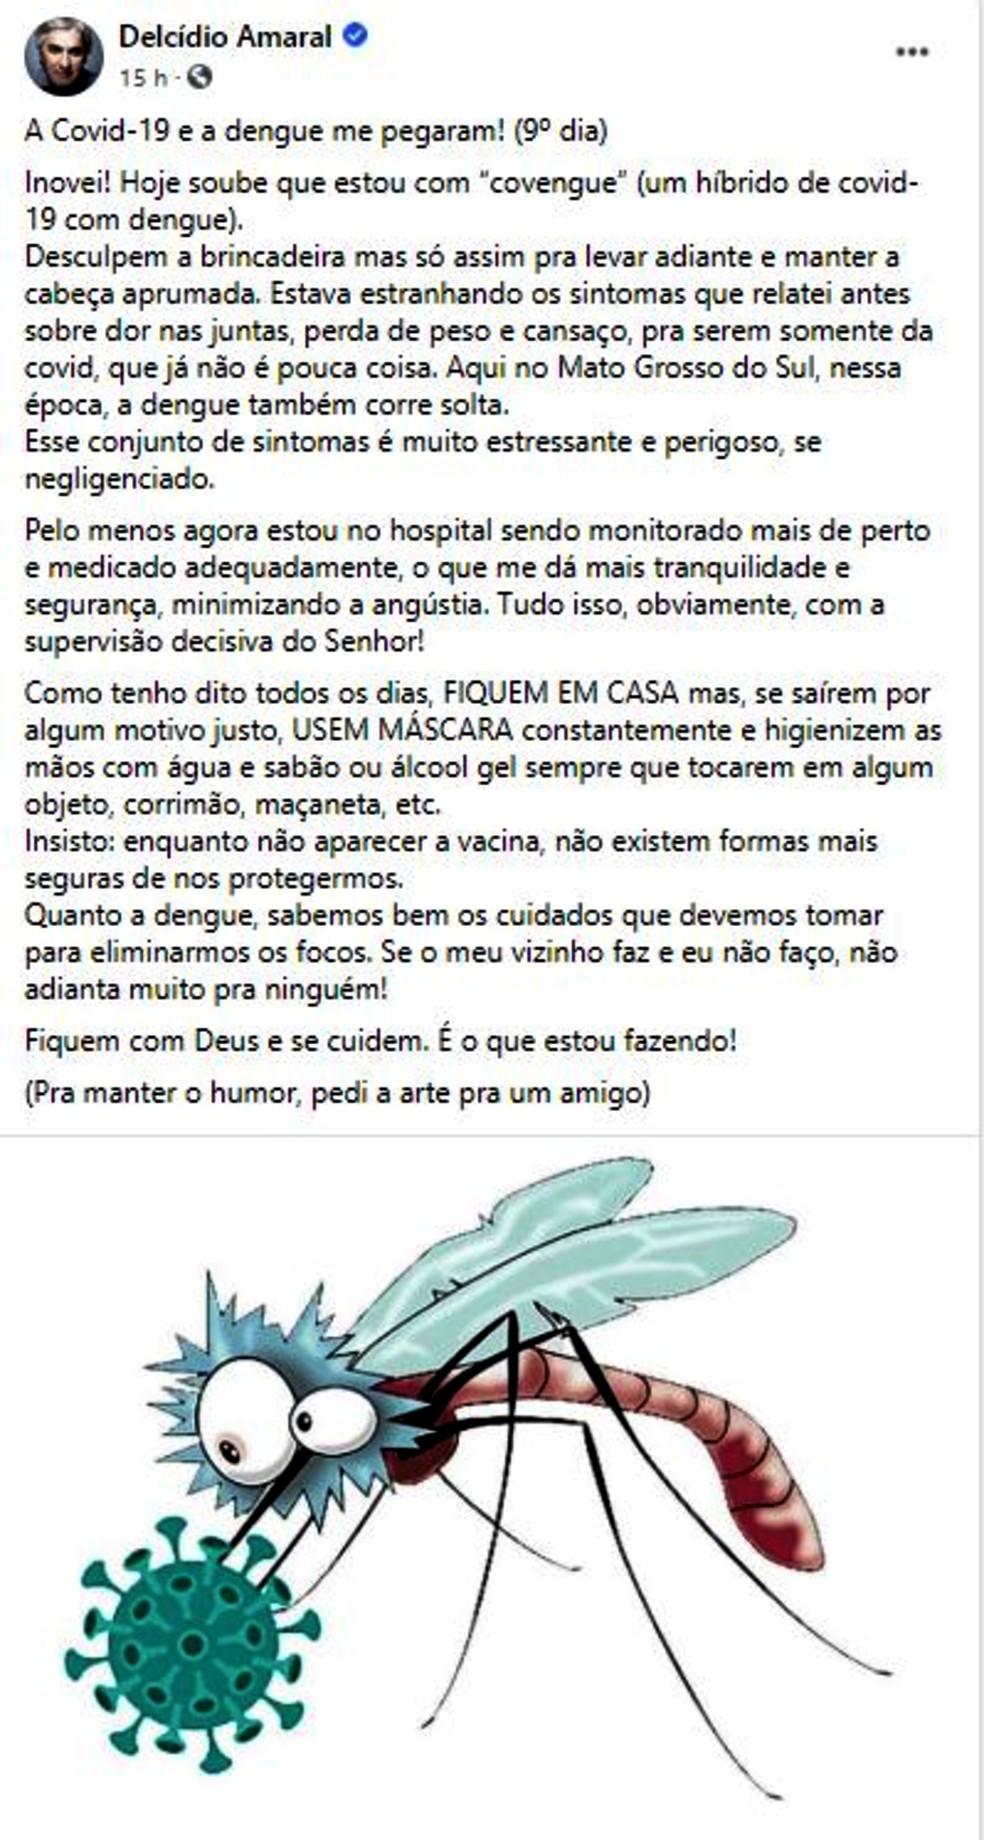 Post do ex-senador Delcídio do Amaral em rede social em que ele revela que além de covid-19 está com dengue também — Foto: Reprodução/G1MS